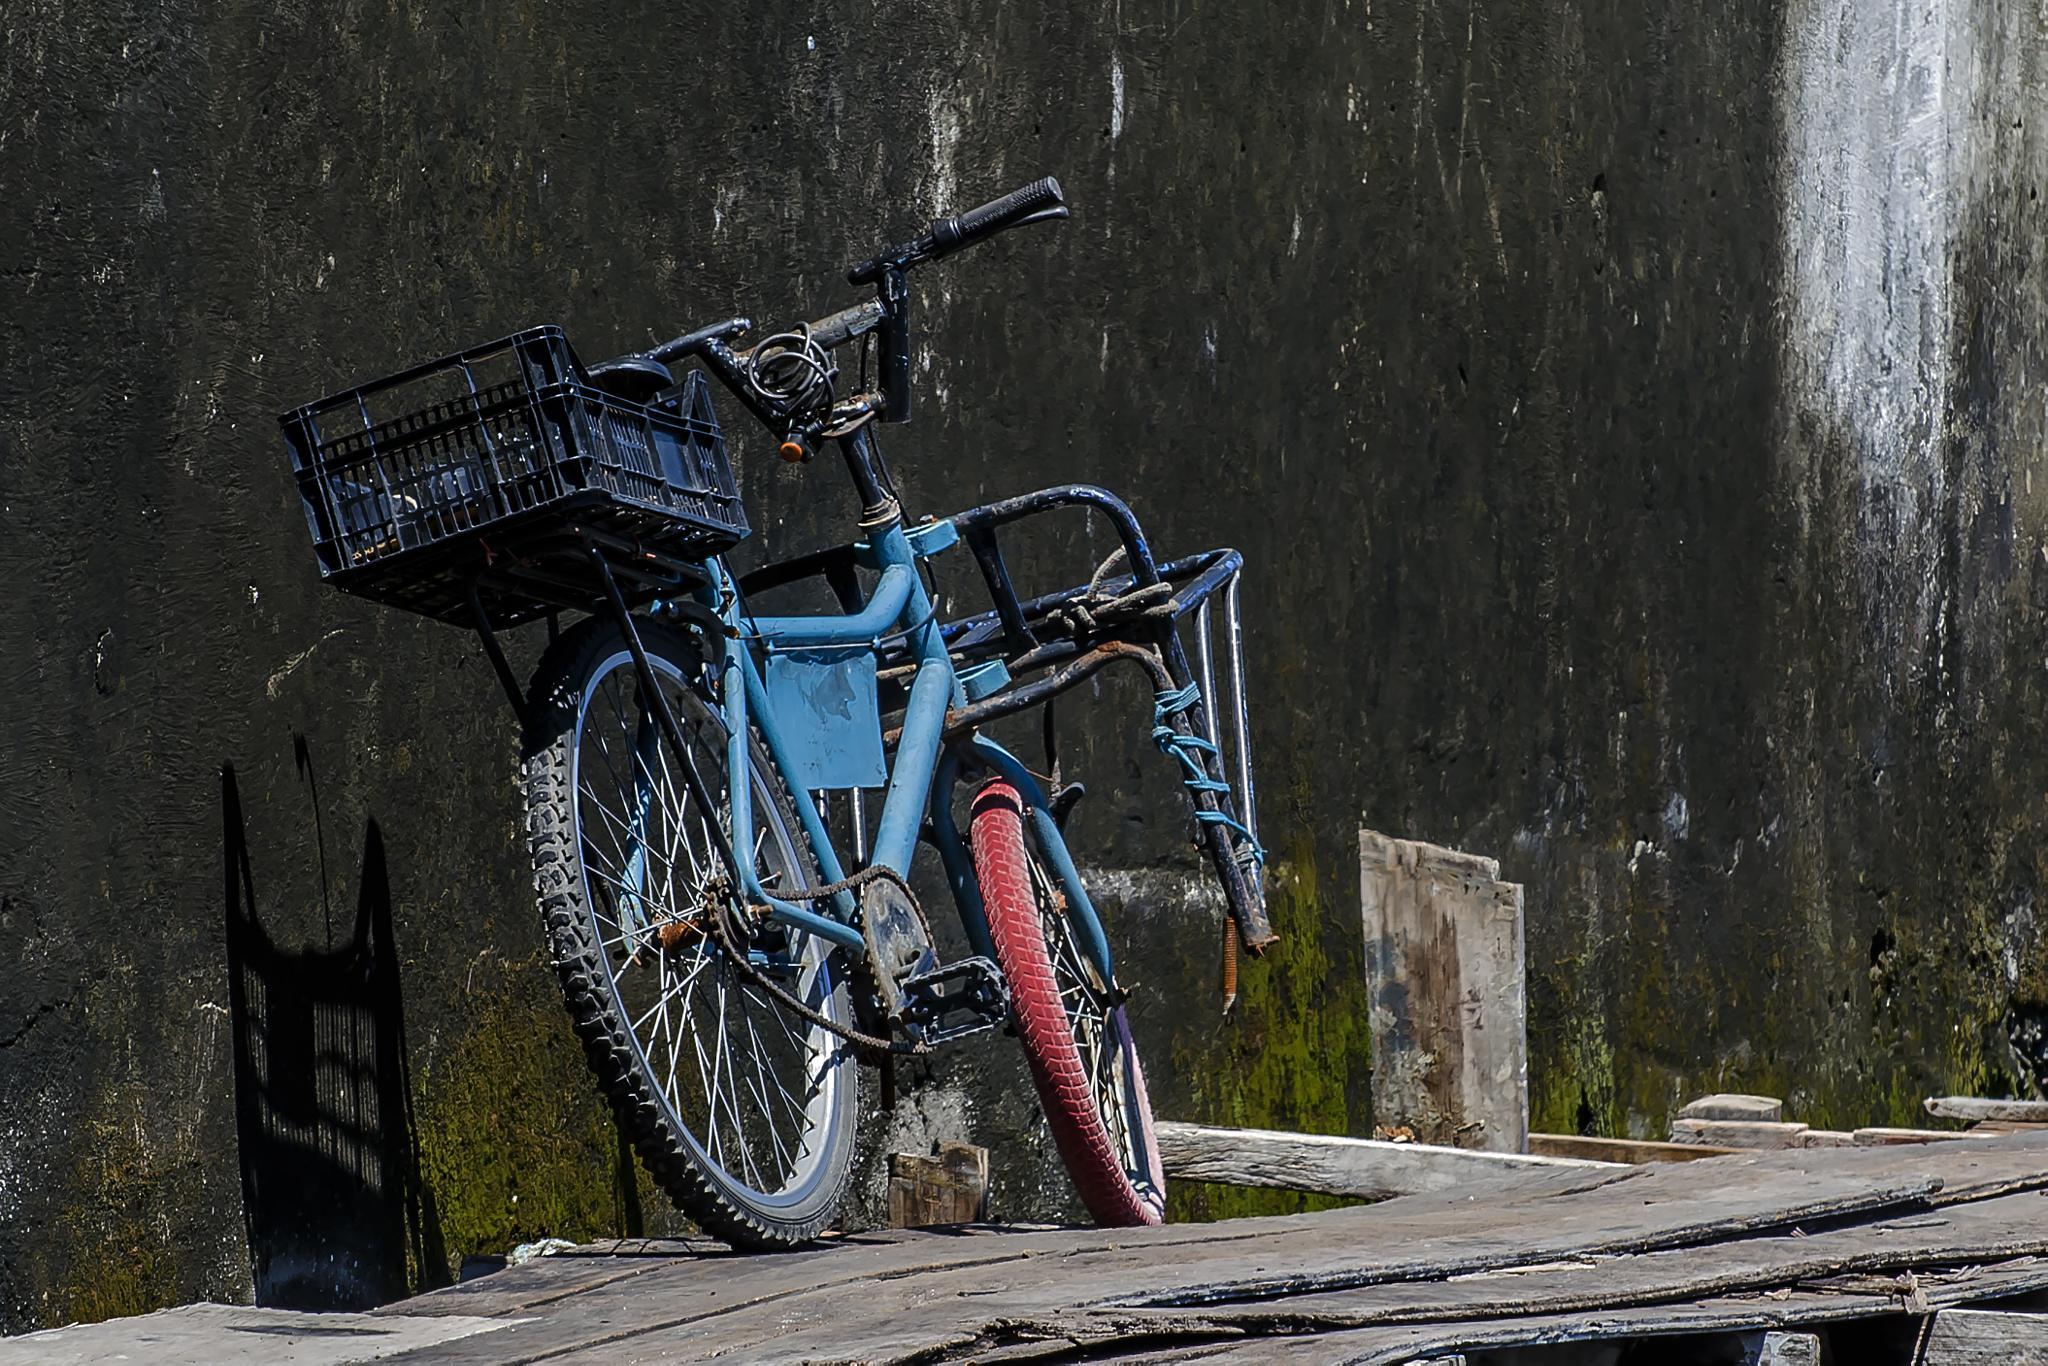 Bike by jcarloscmonteiro